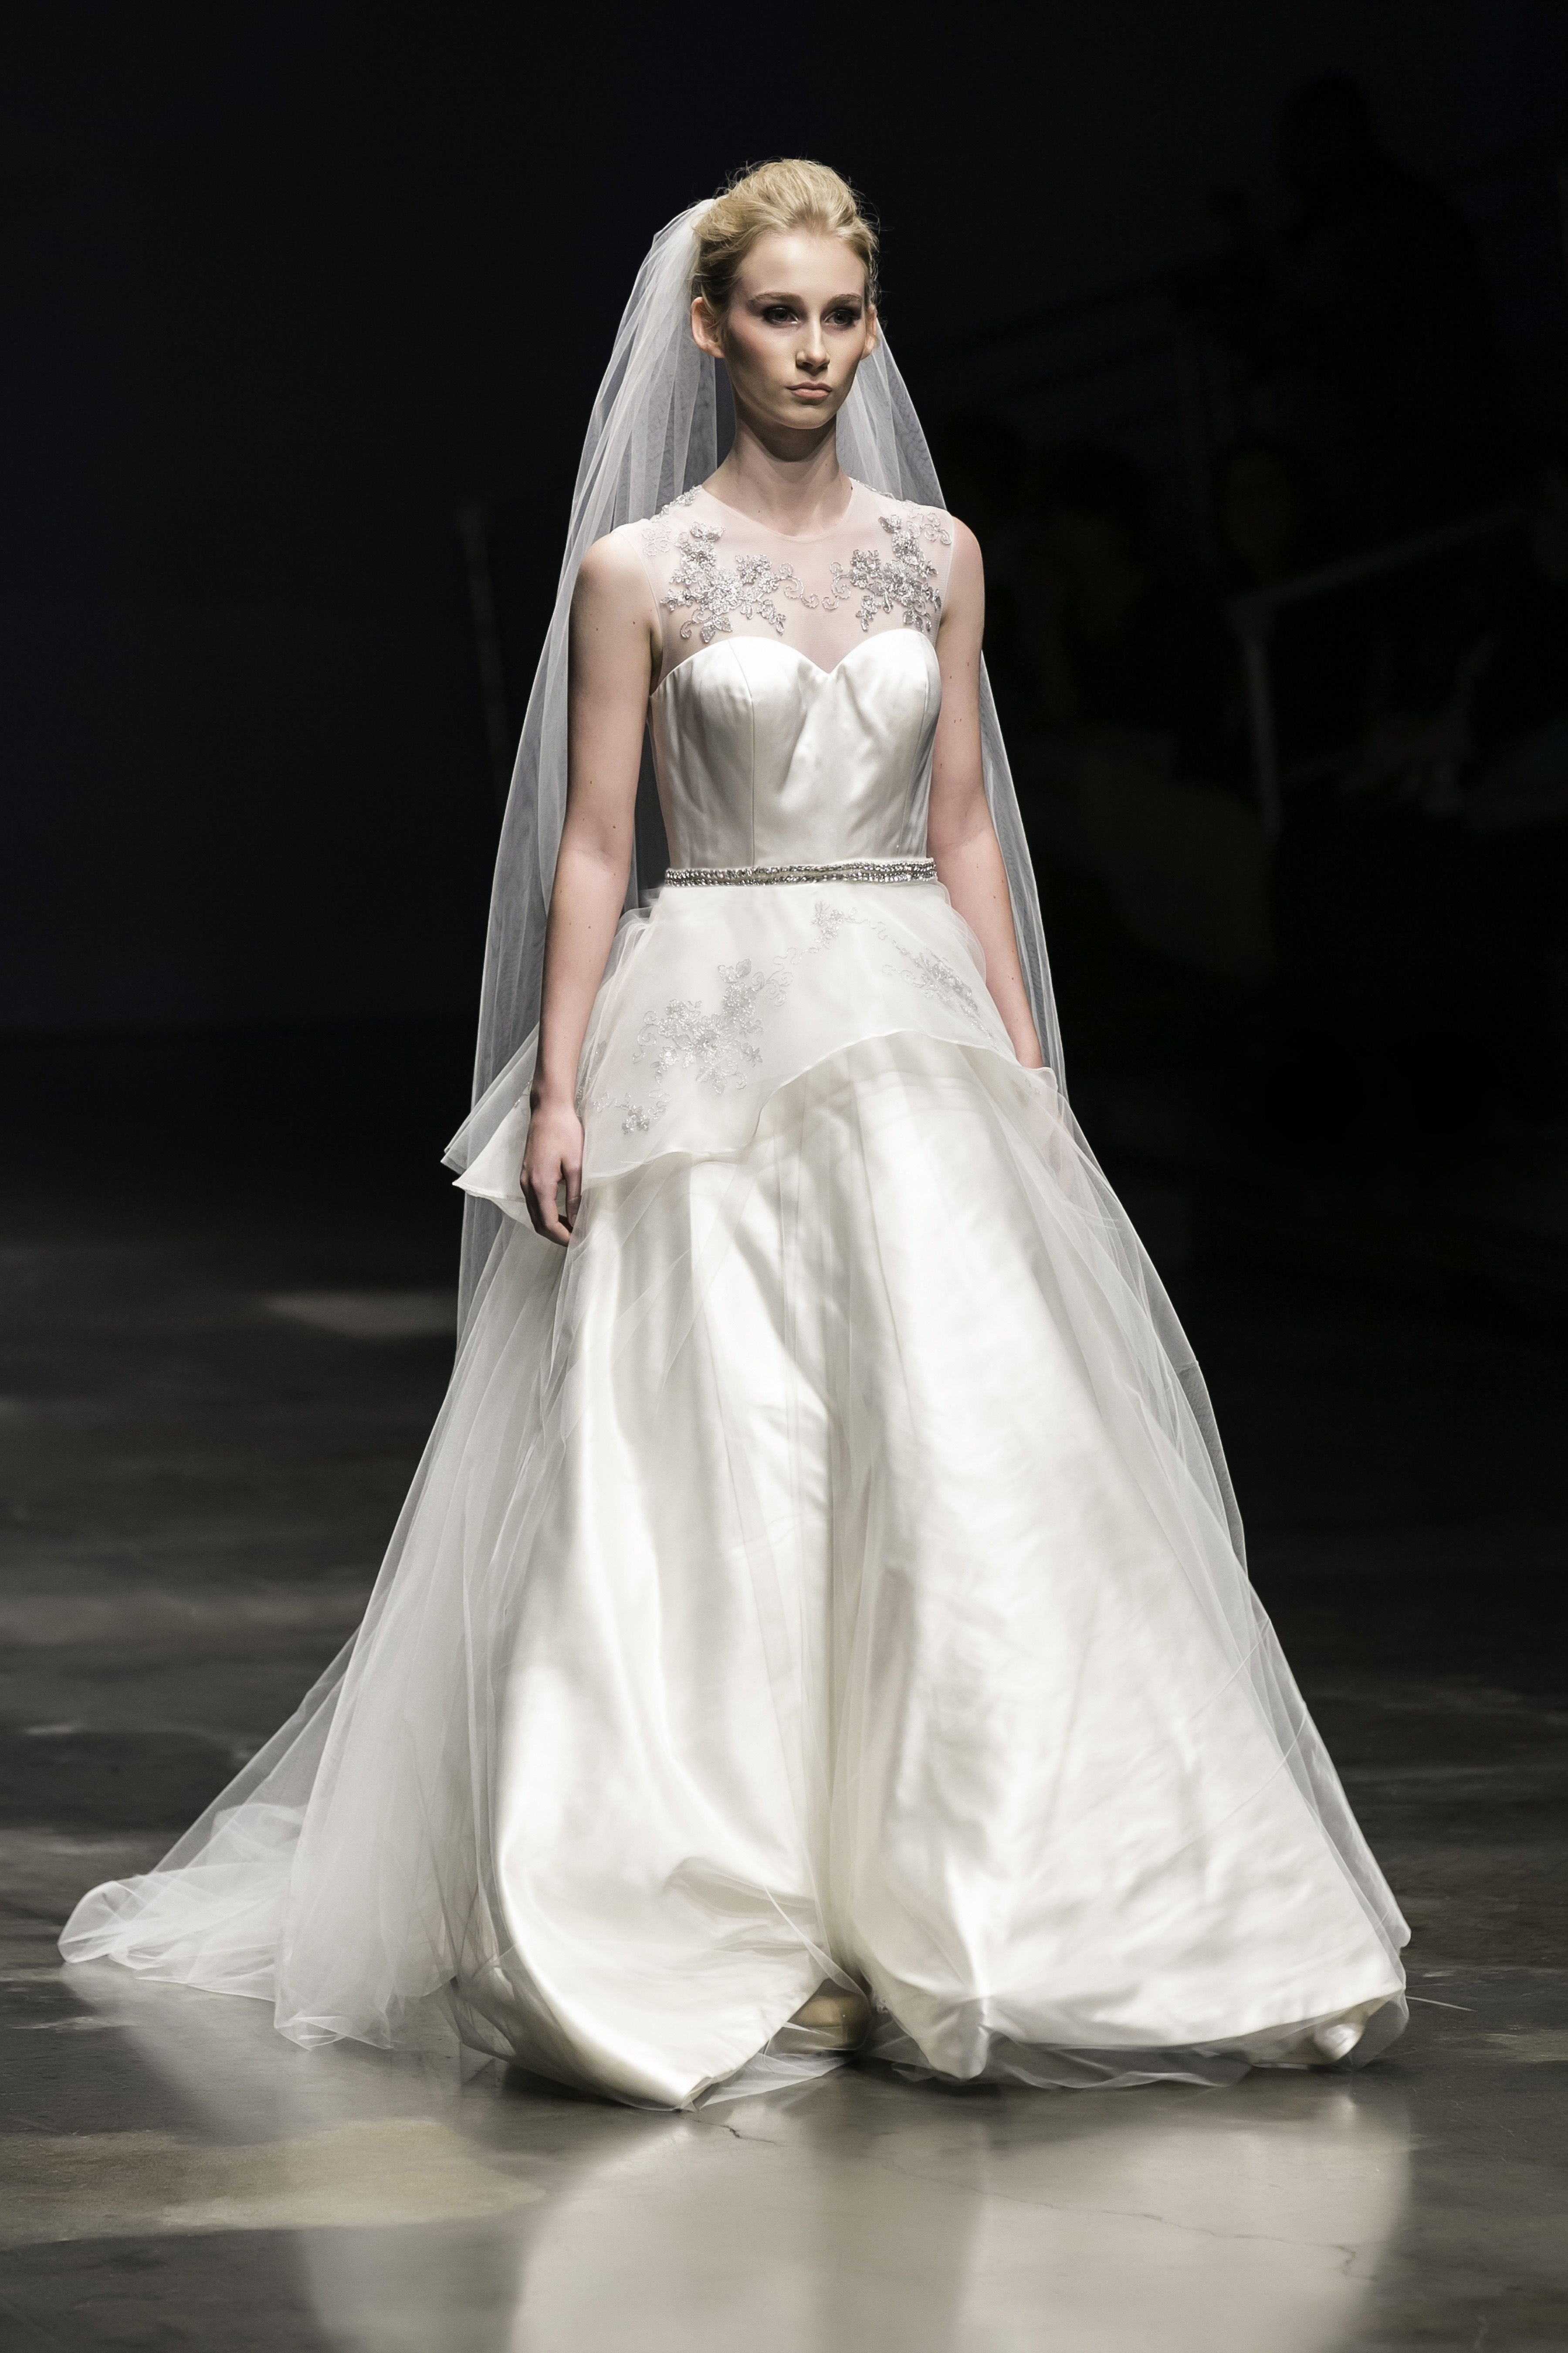 Aline ballgown wedding dress with sweetheart neckline